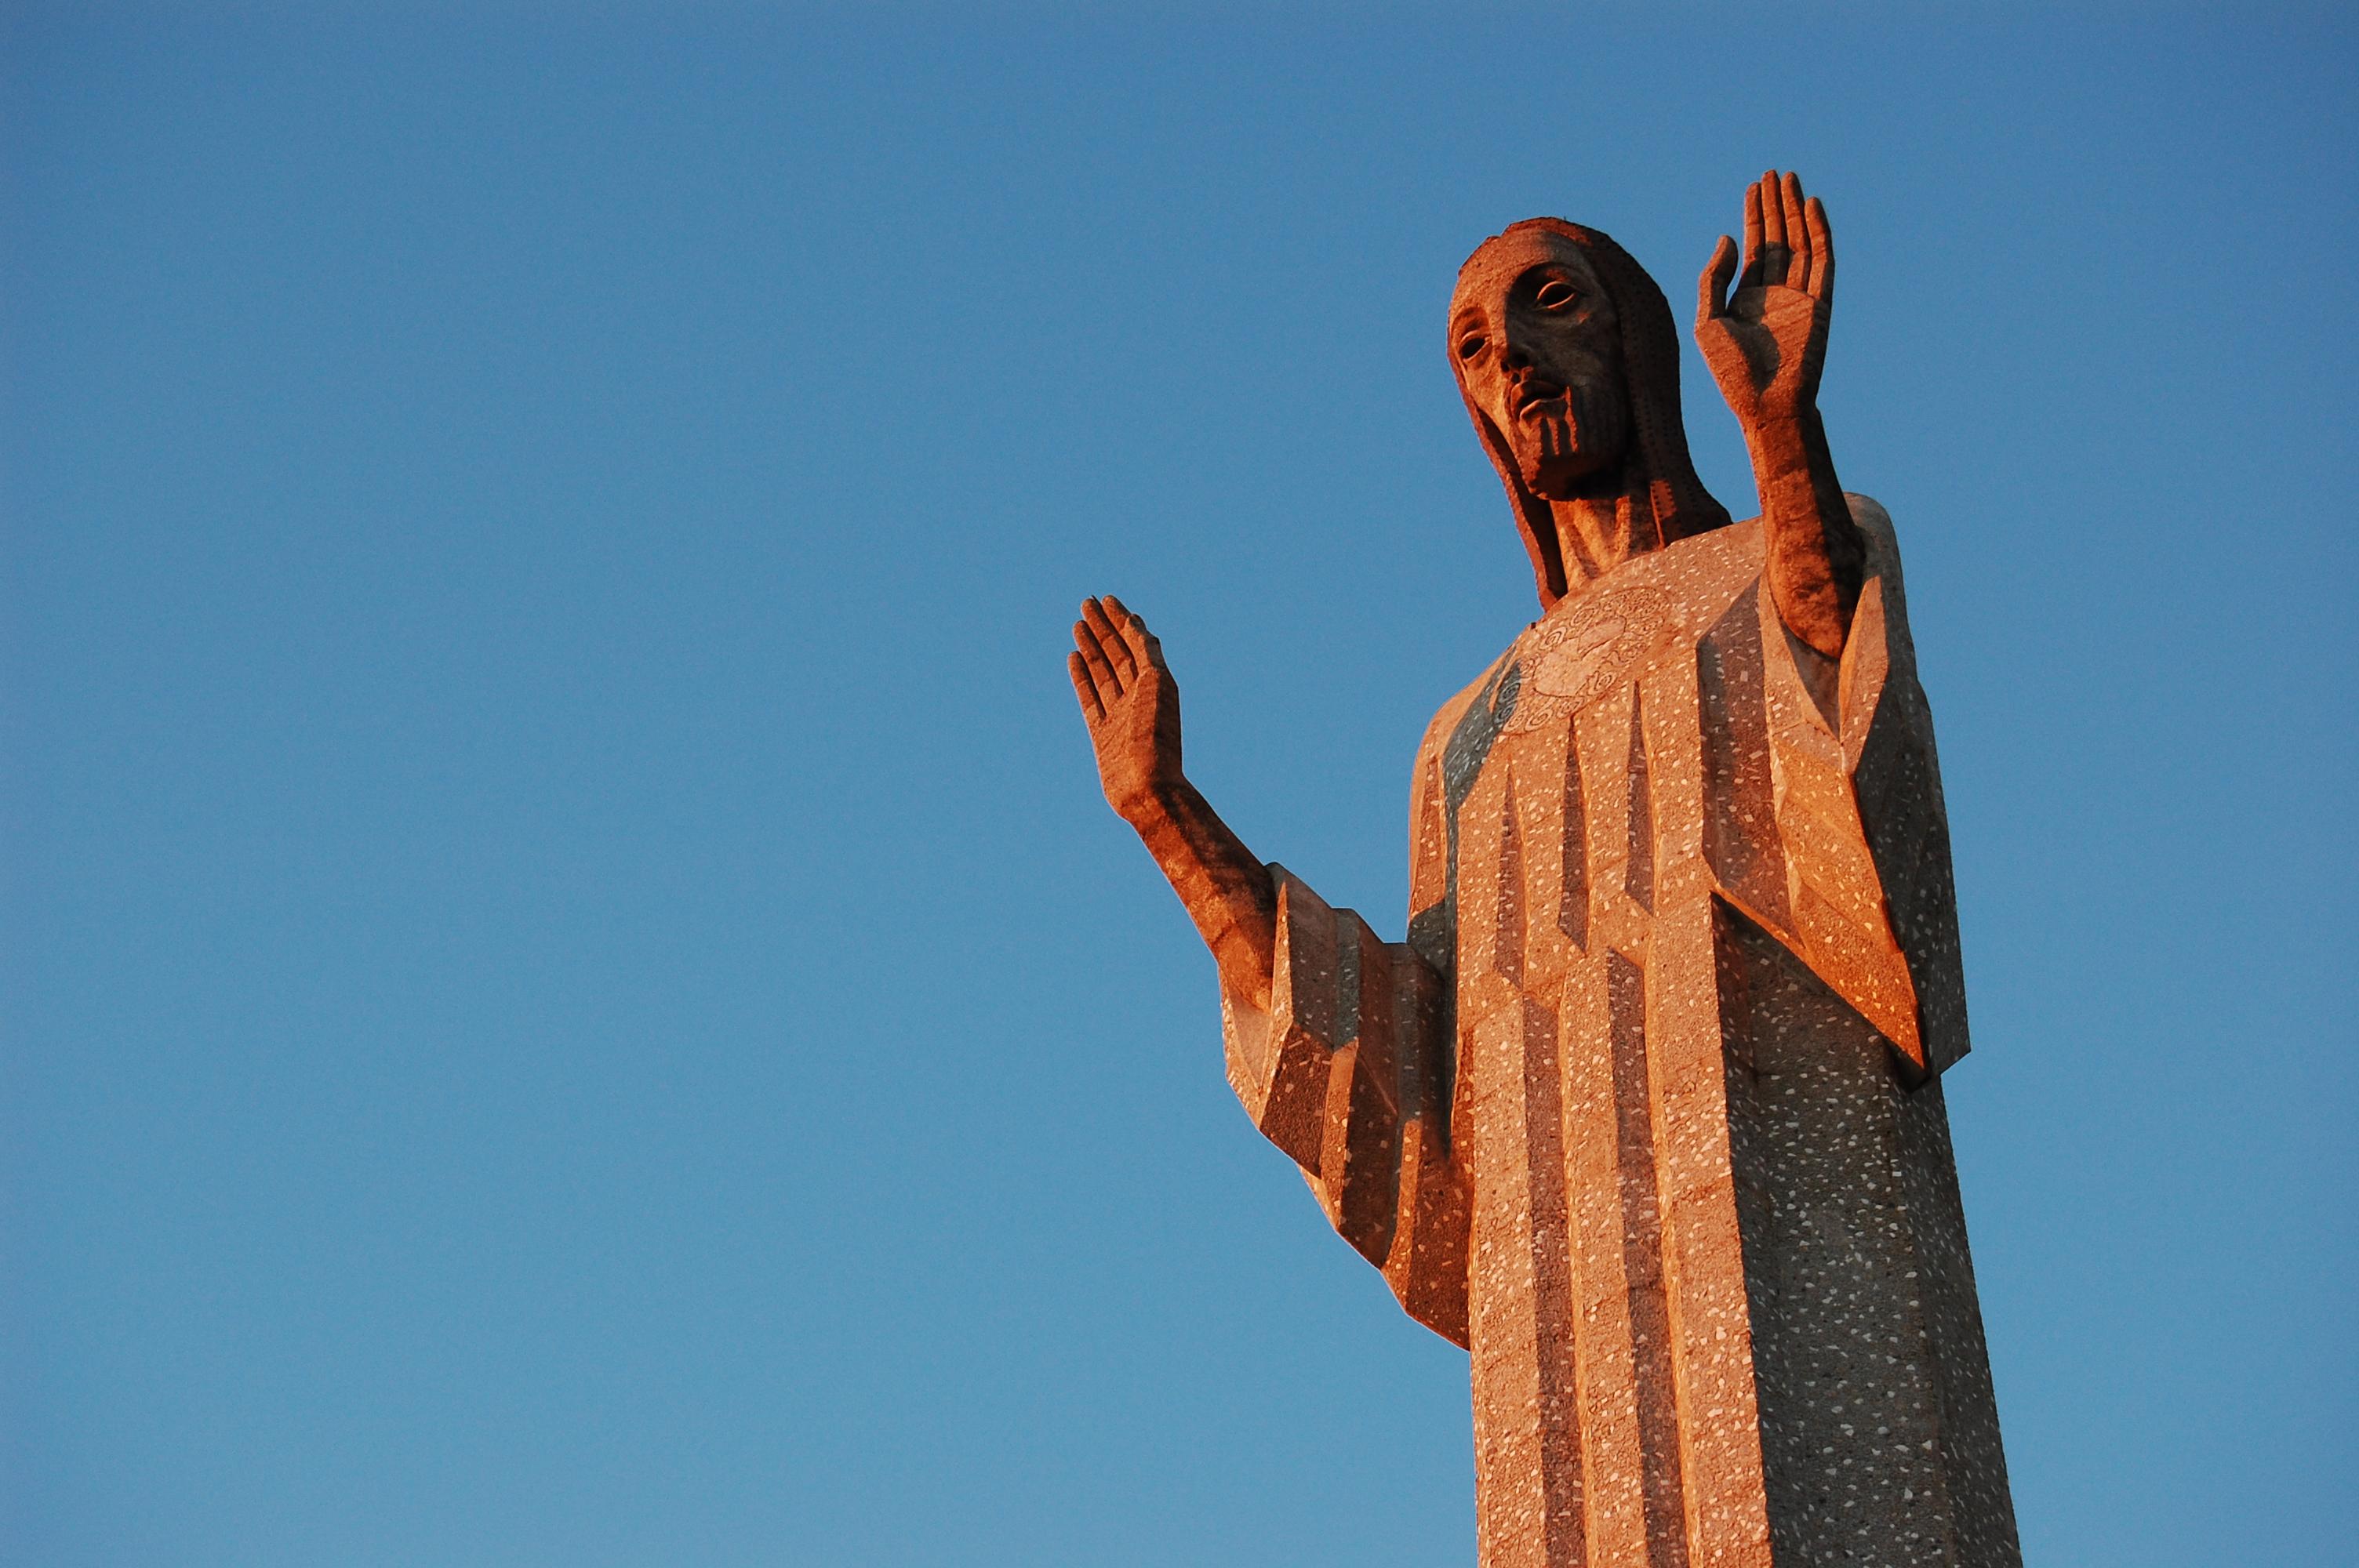 El Cristo de Otero (30 metros), en Palencia